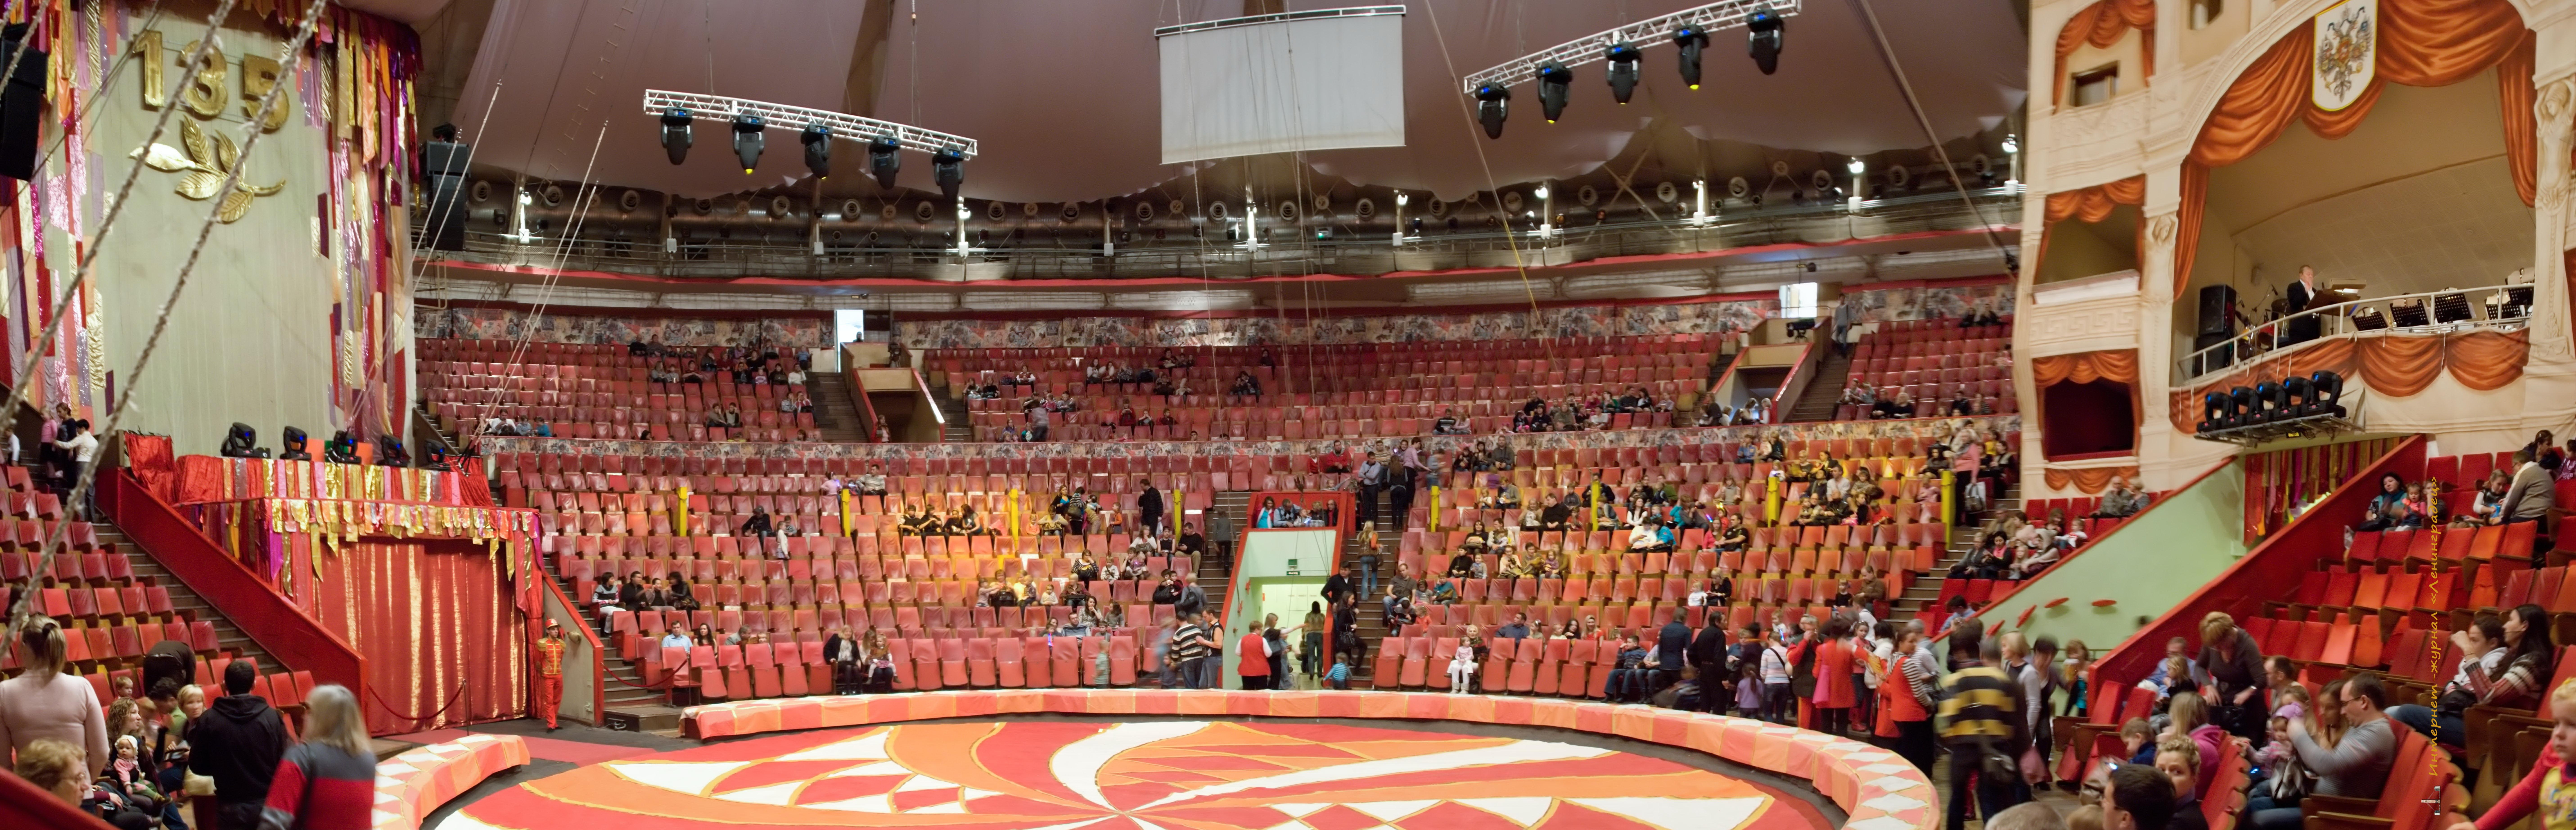 Цирк на фонтанке фото зала